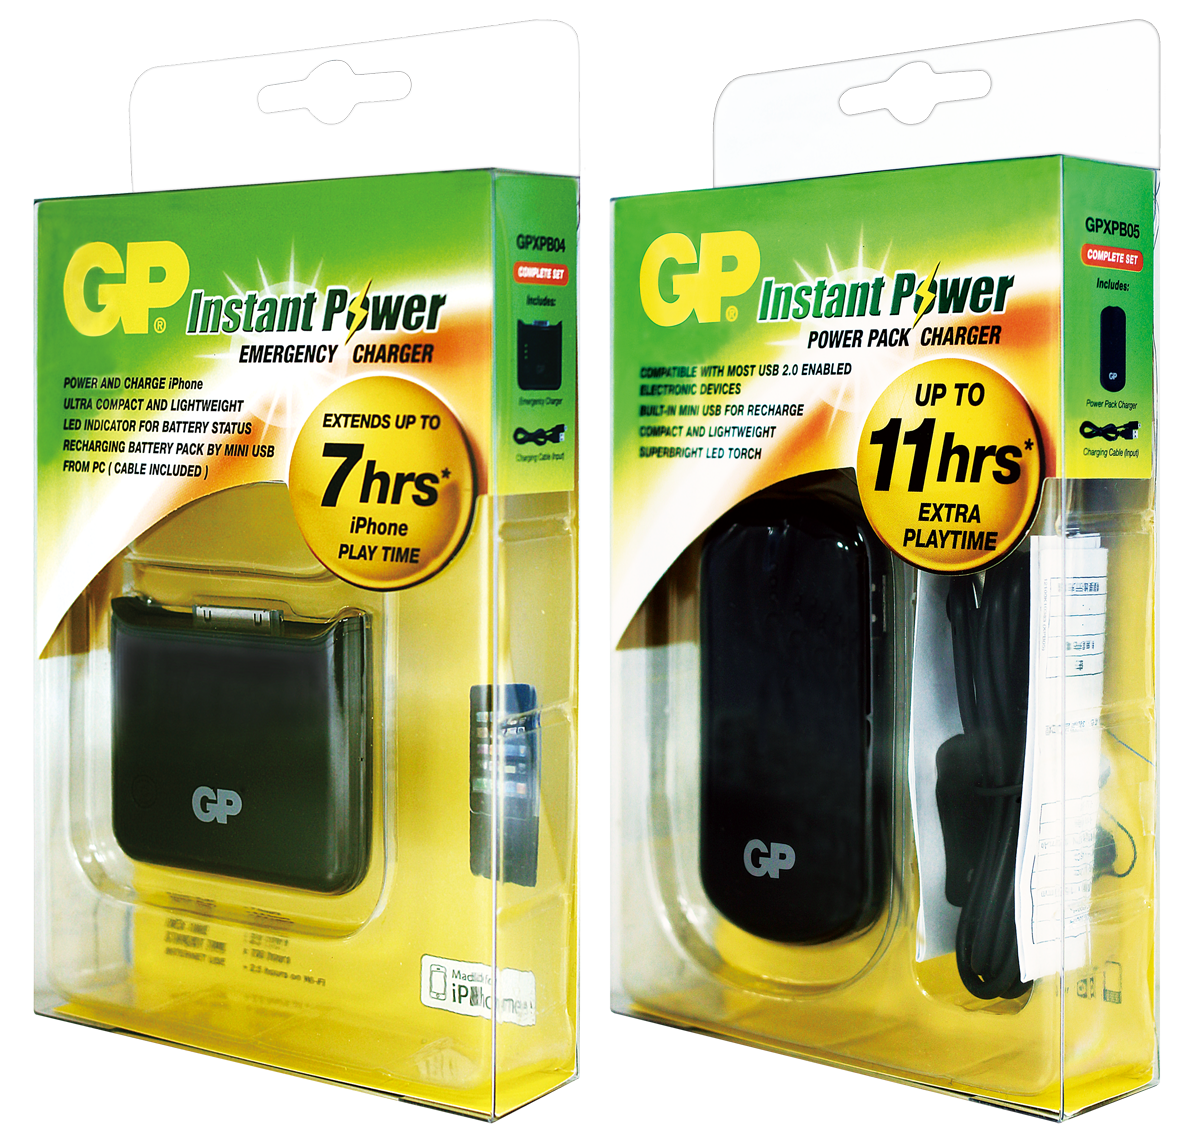 GP隨身充電器隨時為電子產品補充電力